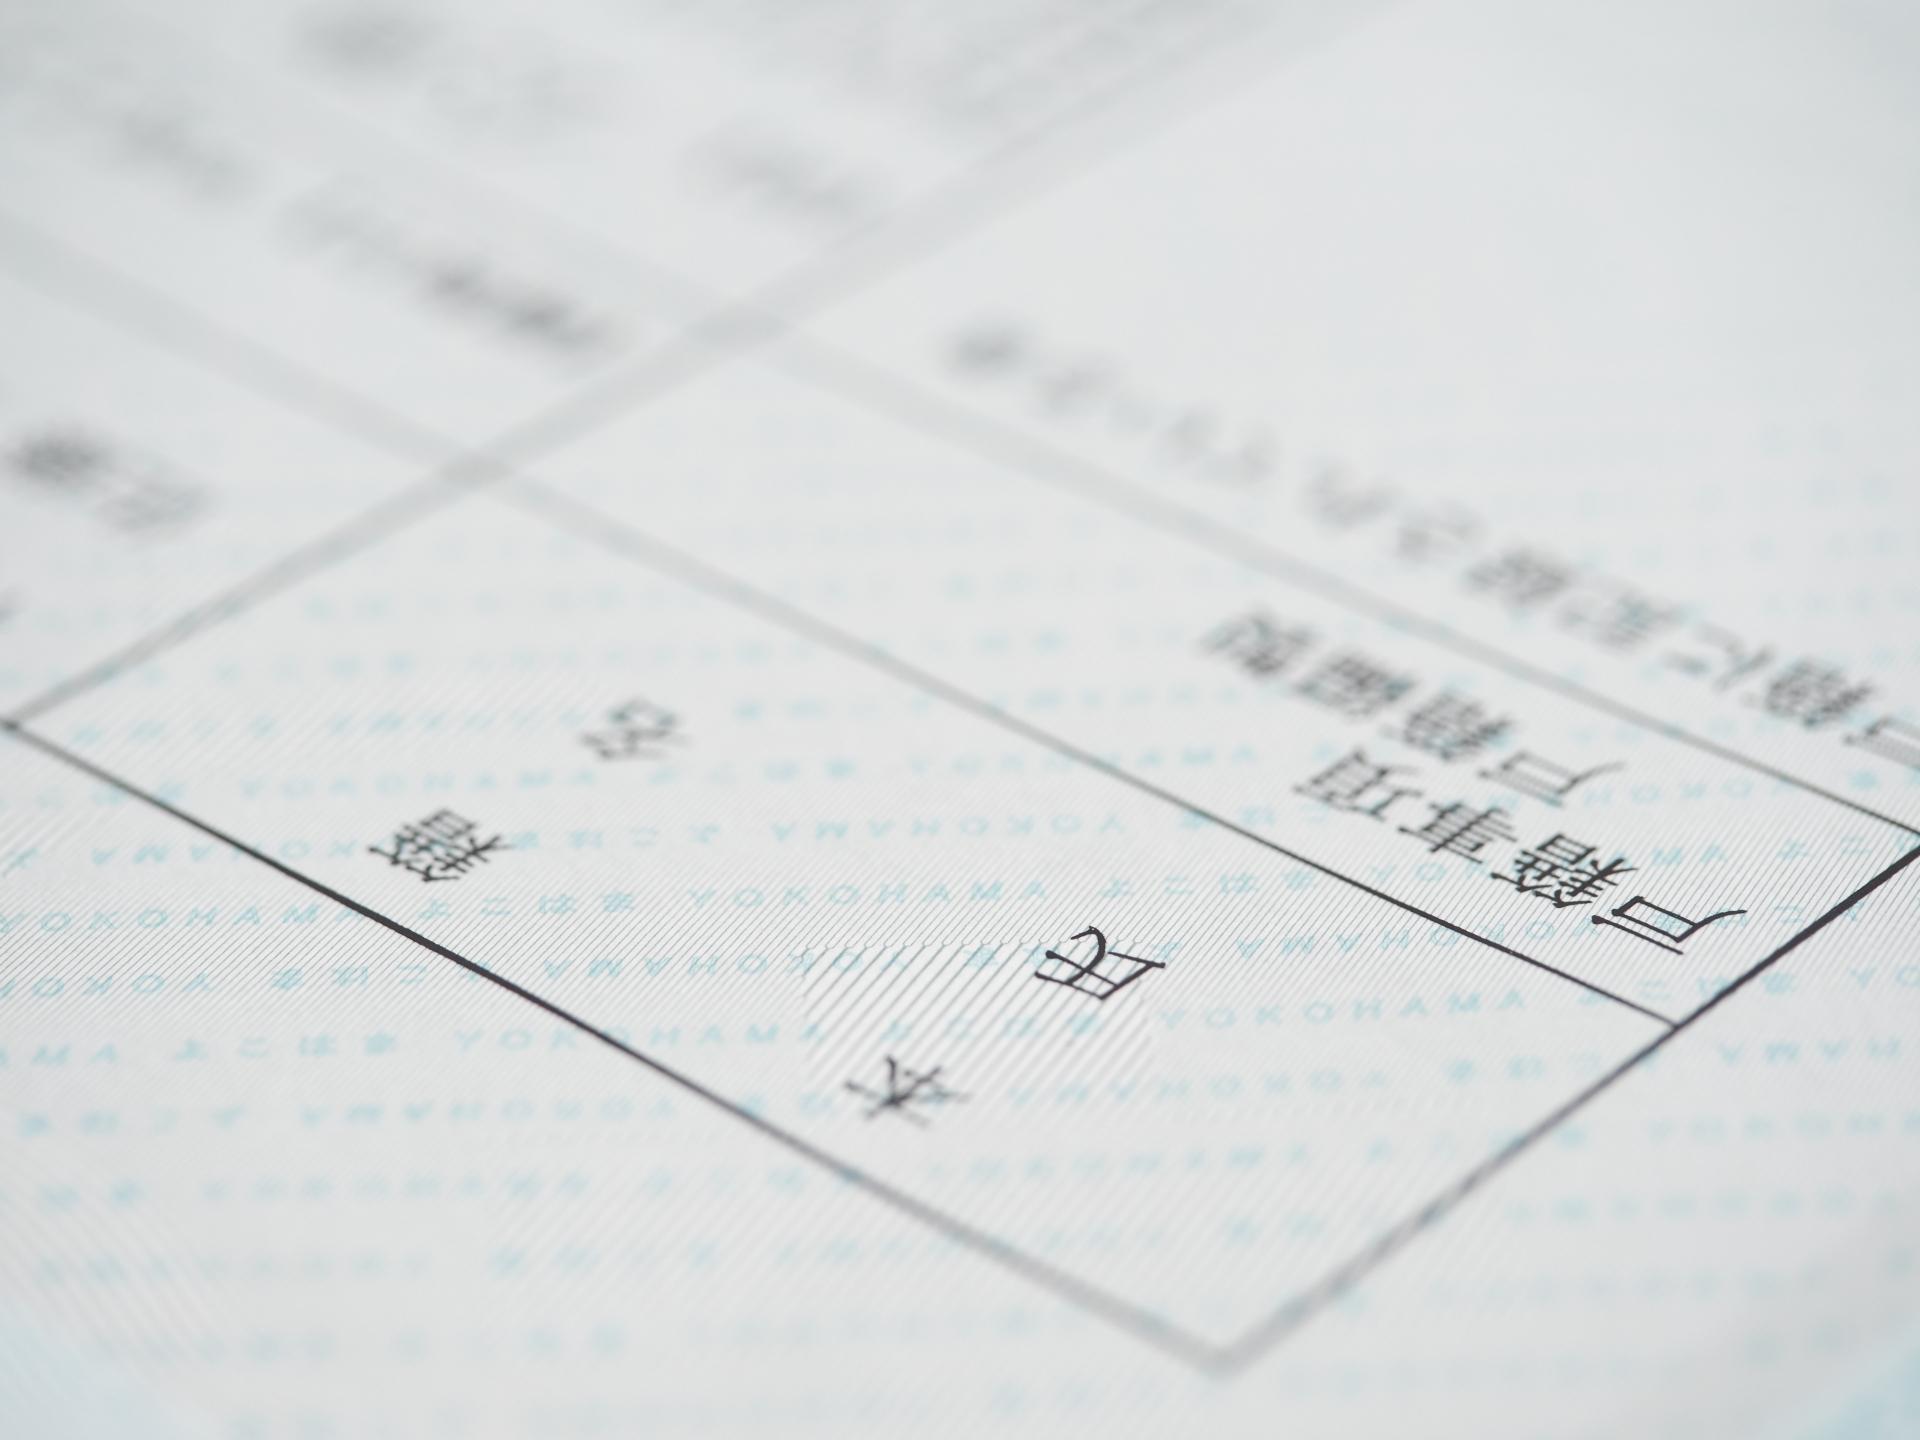 戸籍謄本 全部事項証明書